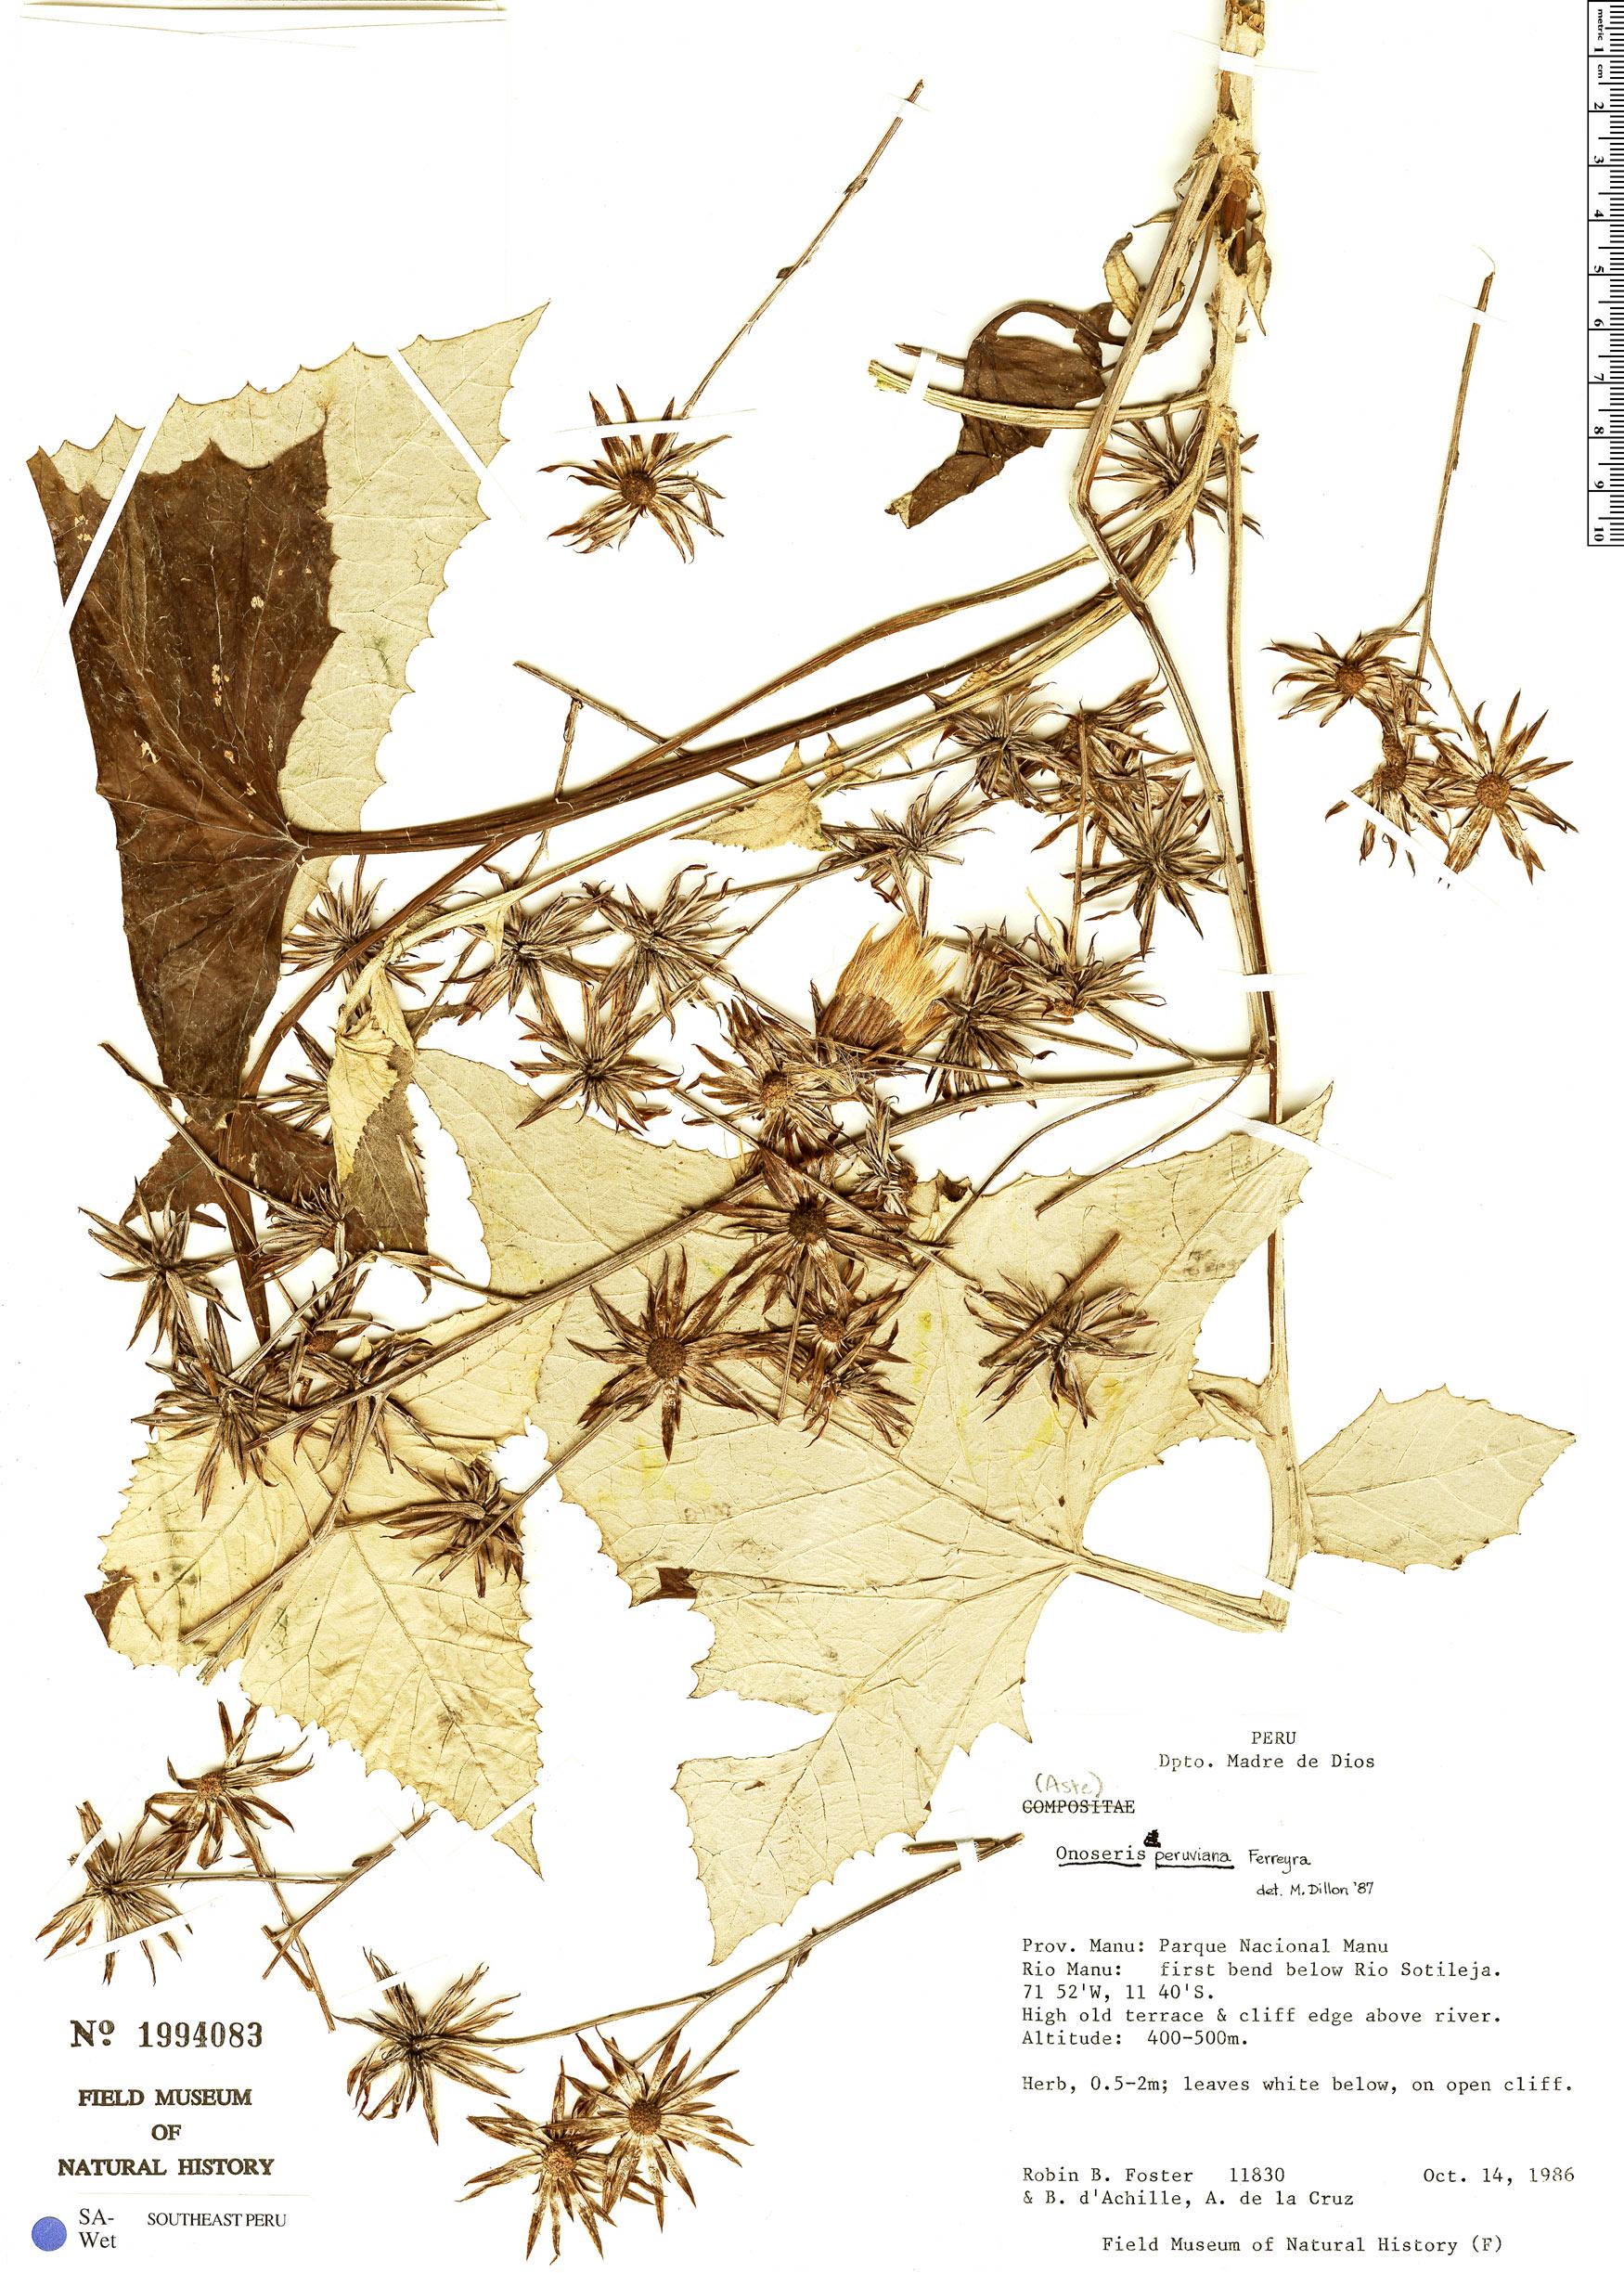 Specimen: Onoseris peruviana